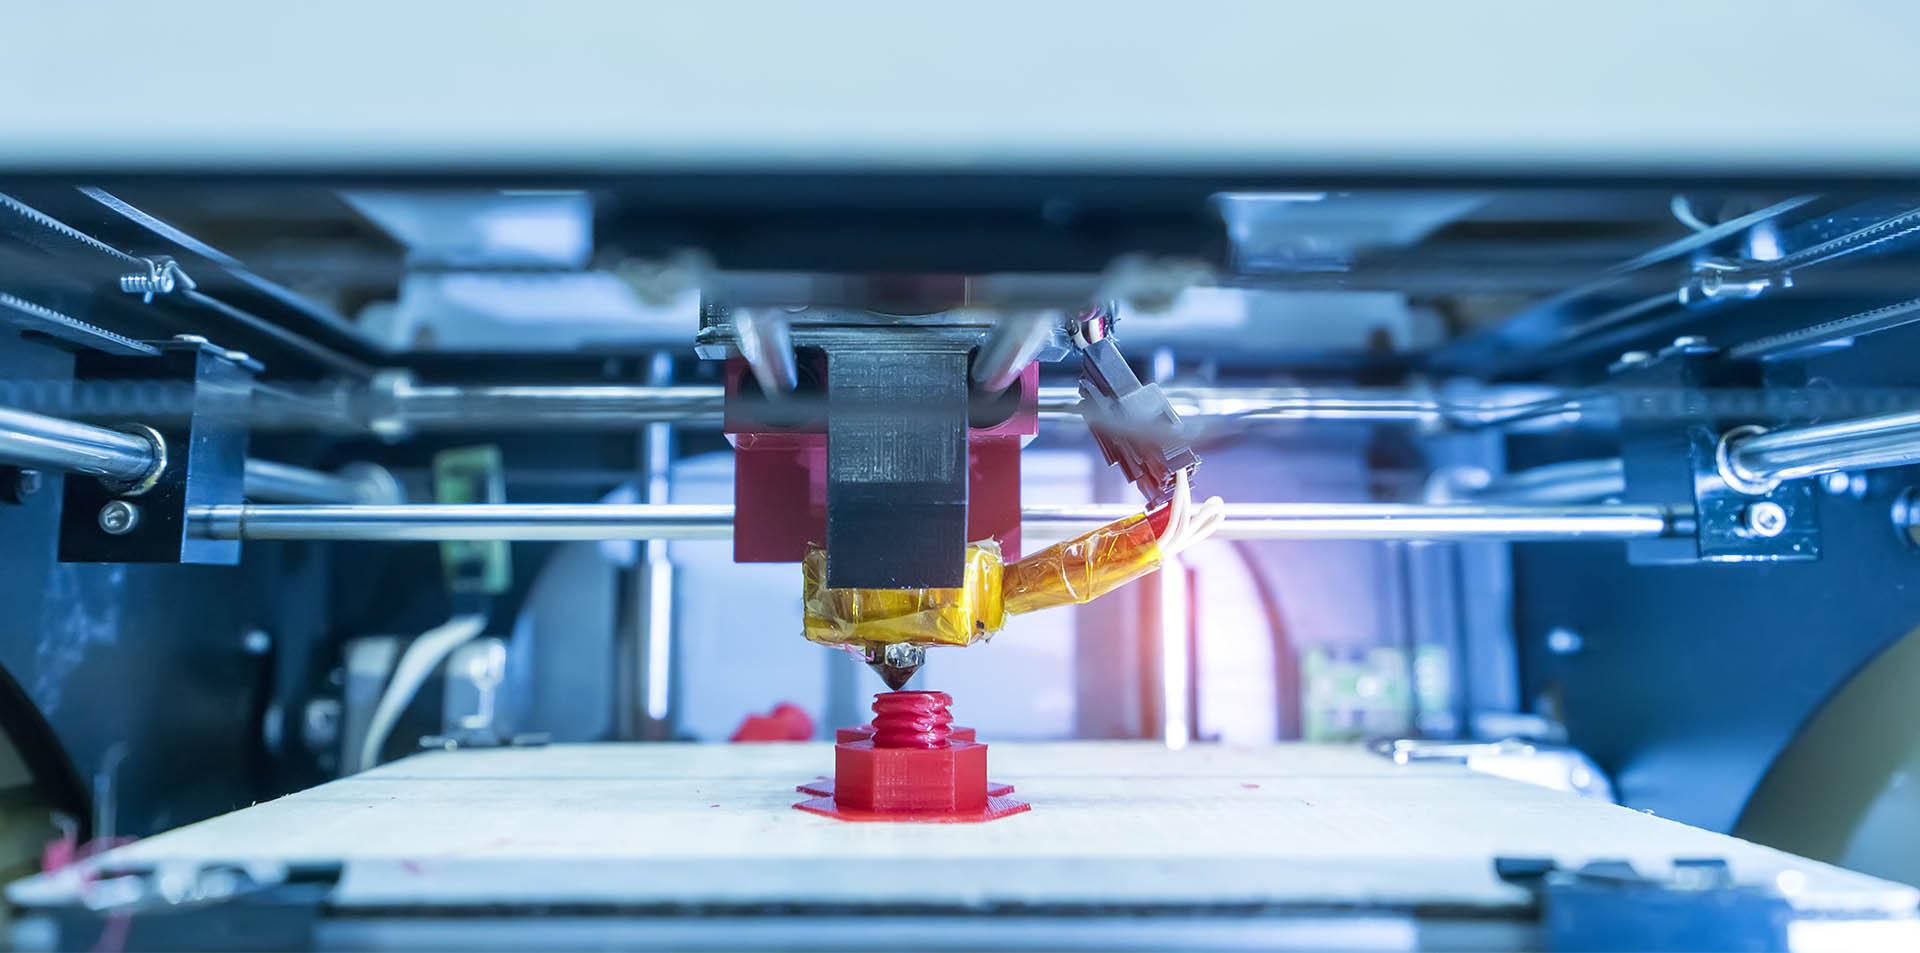 3D-printer printing